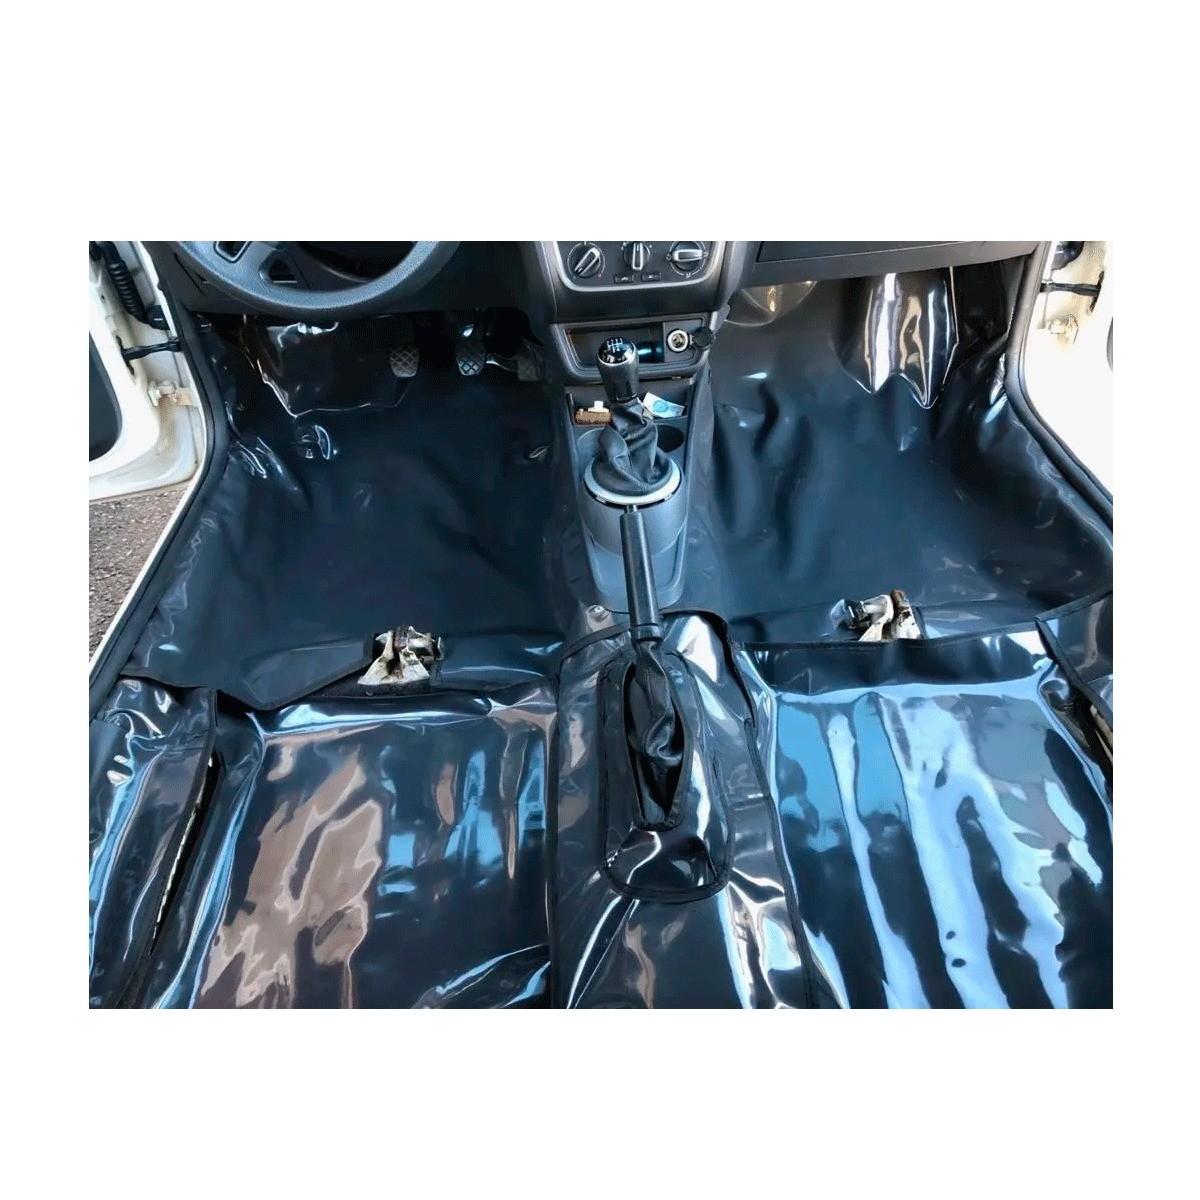 Tapete Proteção Assoalho da Ford F4000 Simples 1993 à 1995 em Vinil Verniz Impermeável